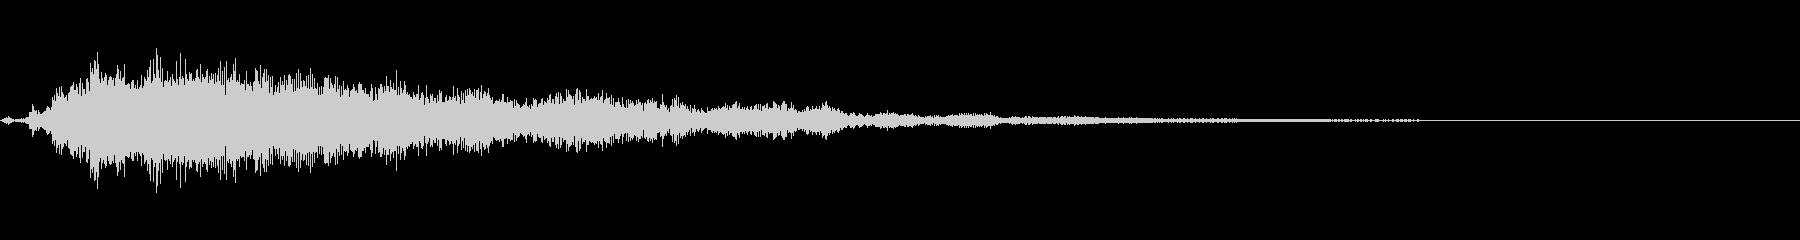 ワウギターによるジングルorサウンドロゴの未再生の波形